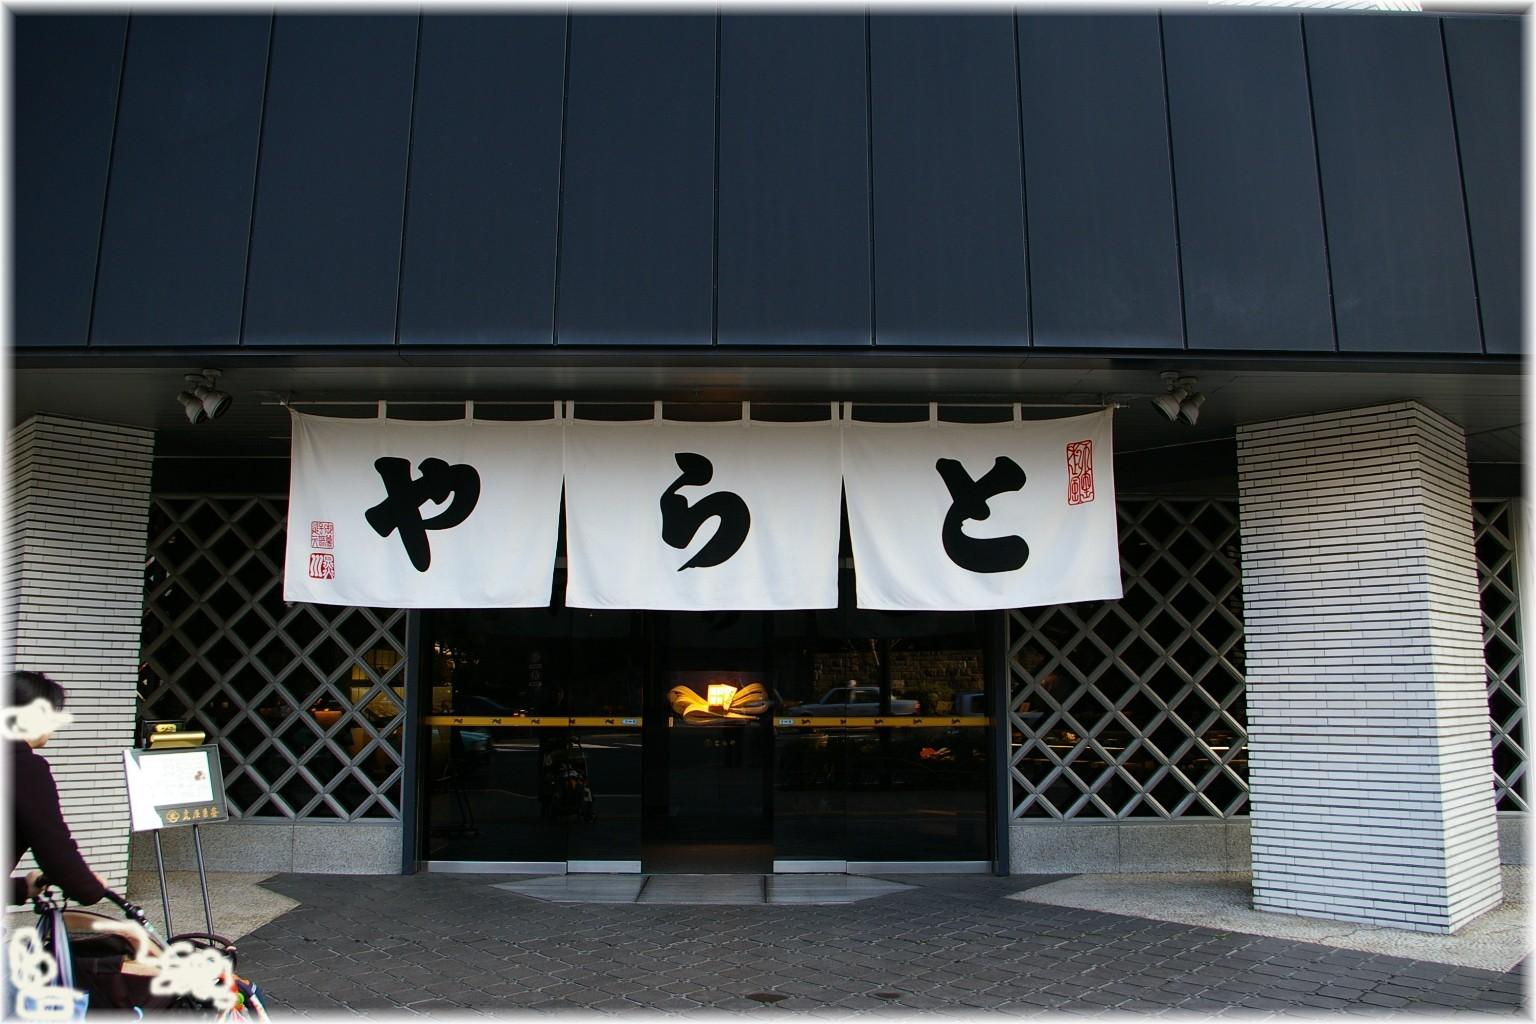 Toraya wagashi store in Akasaka